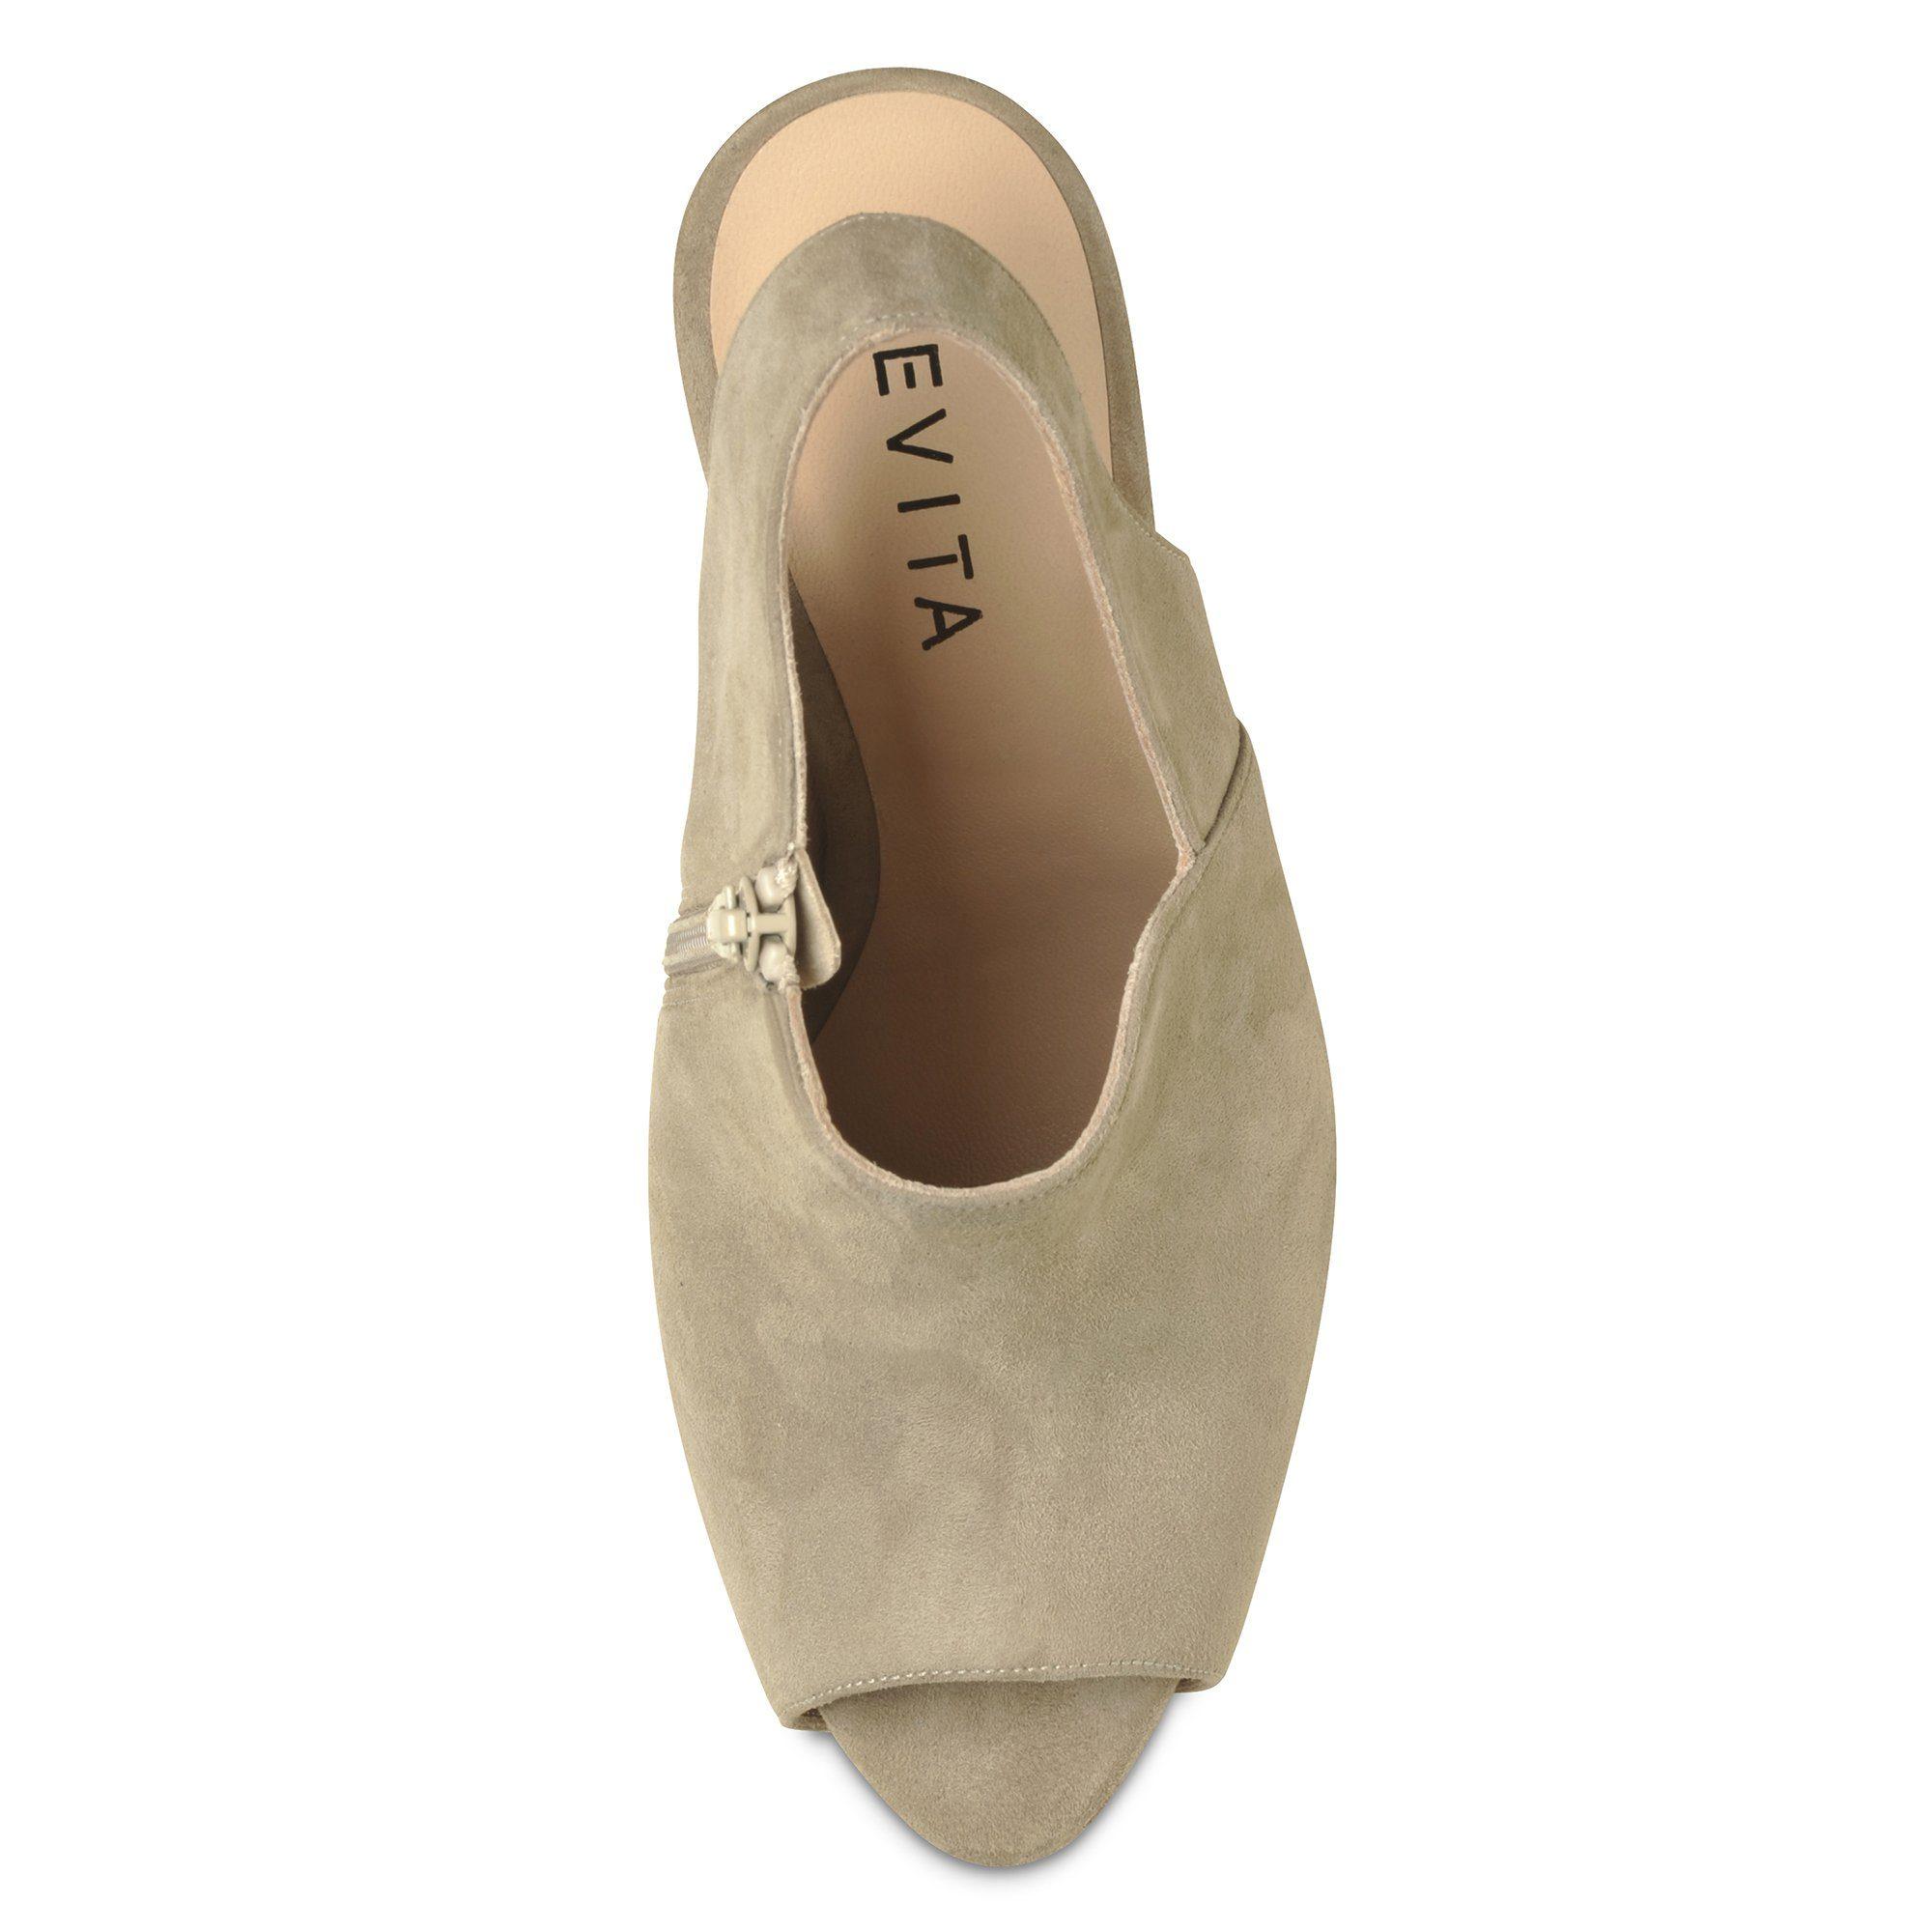 Evita BEPPINA Ankleboots online kaufen  beige